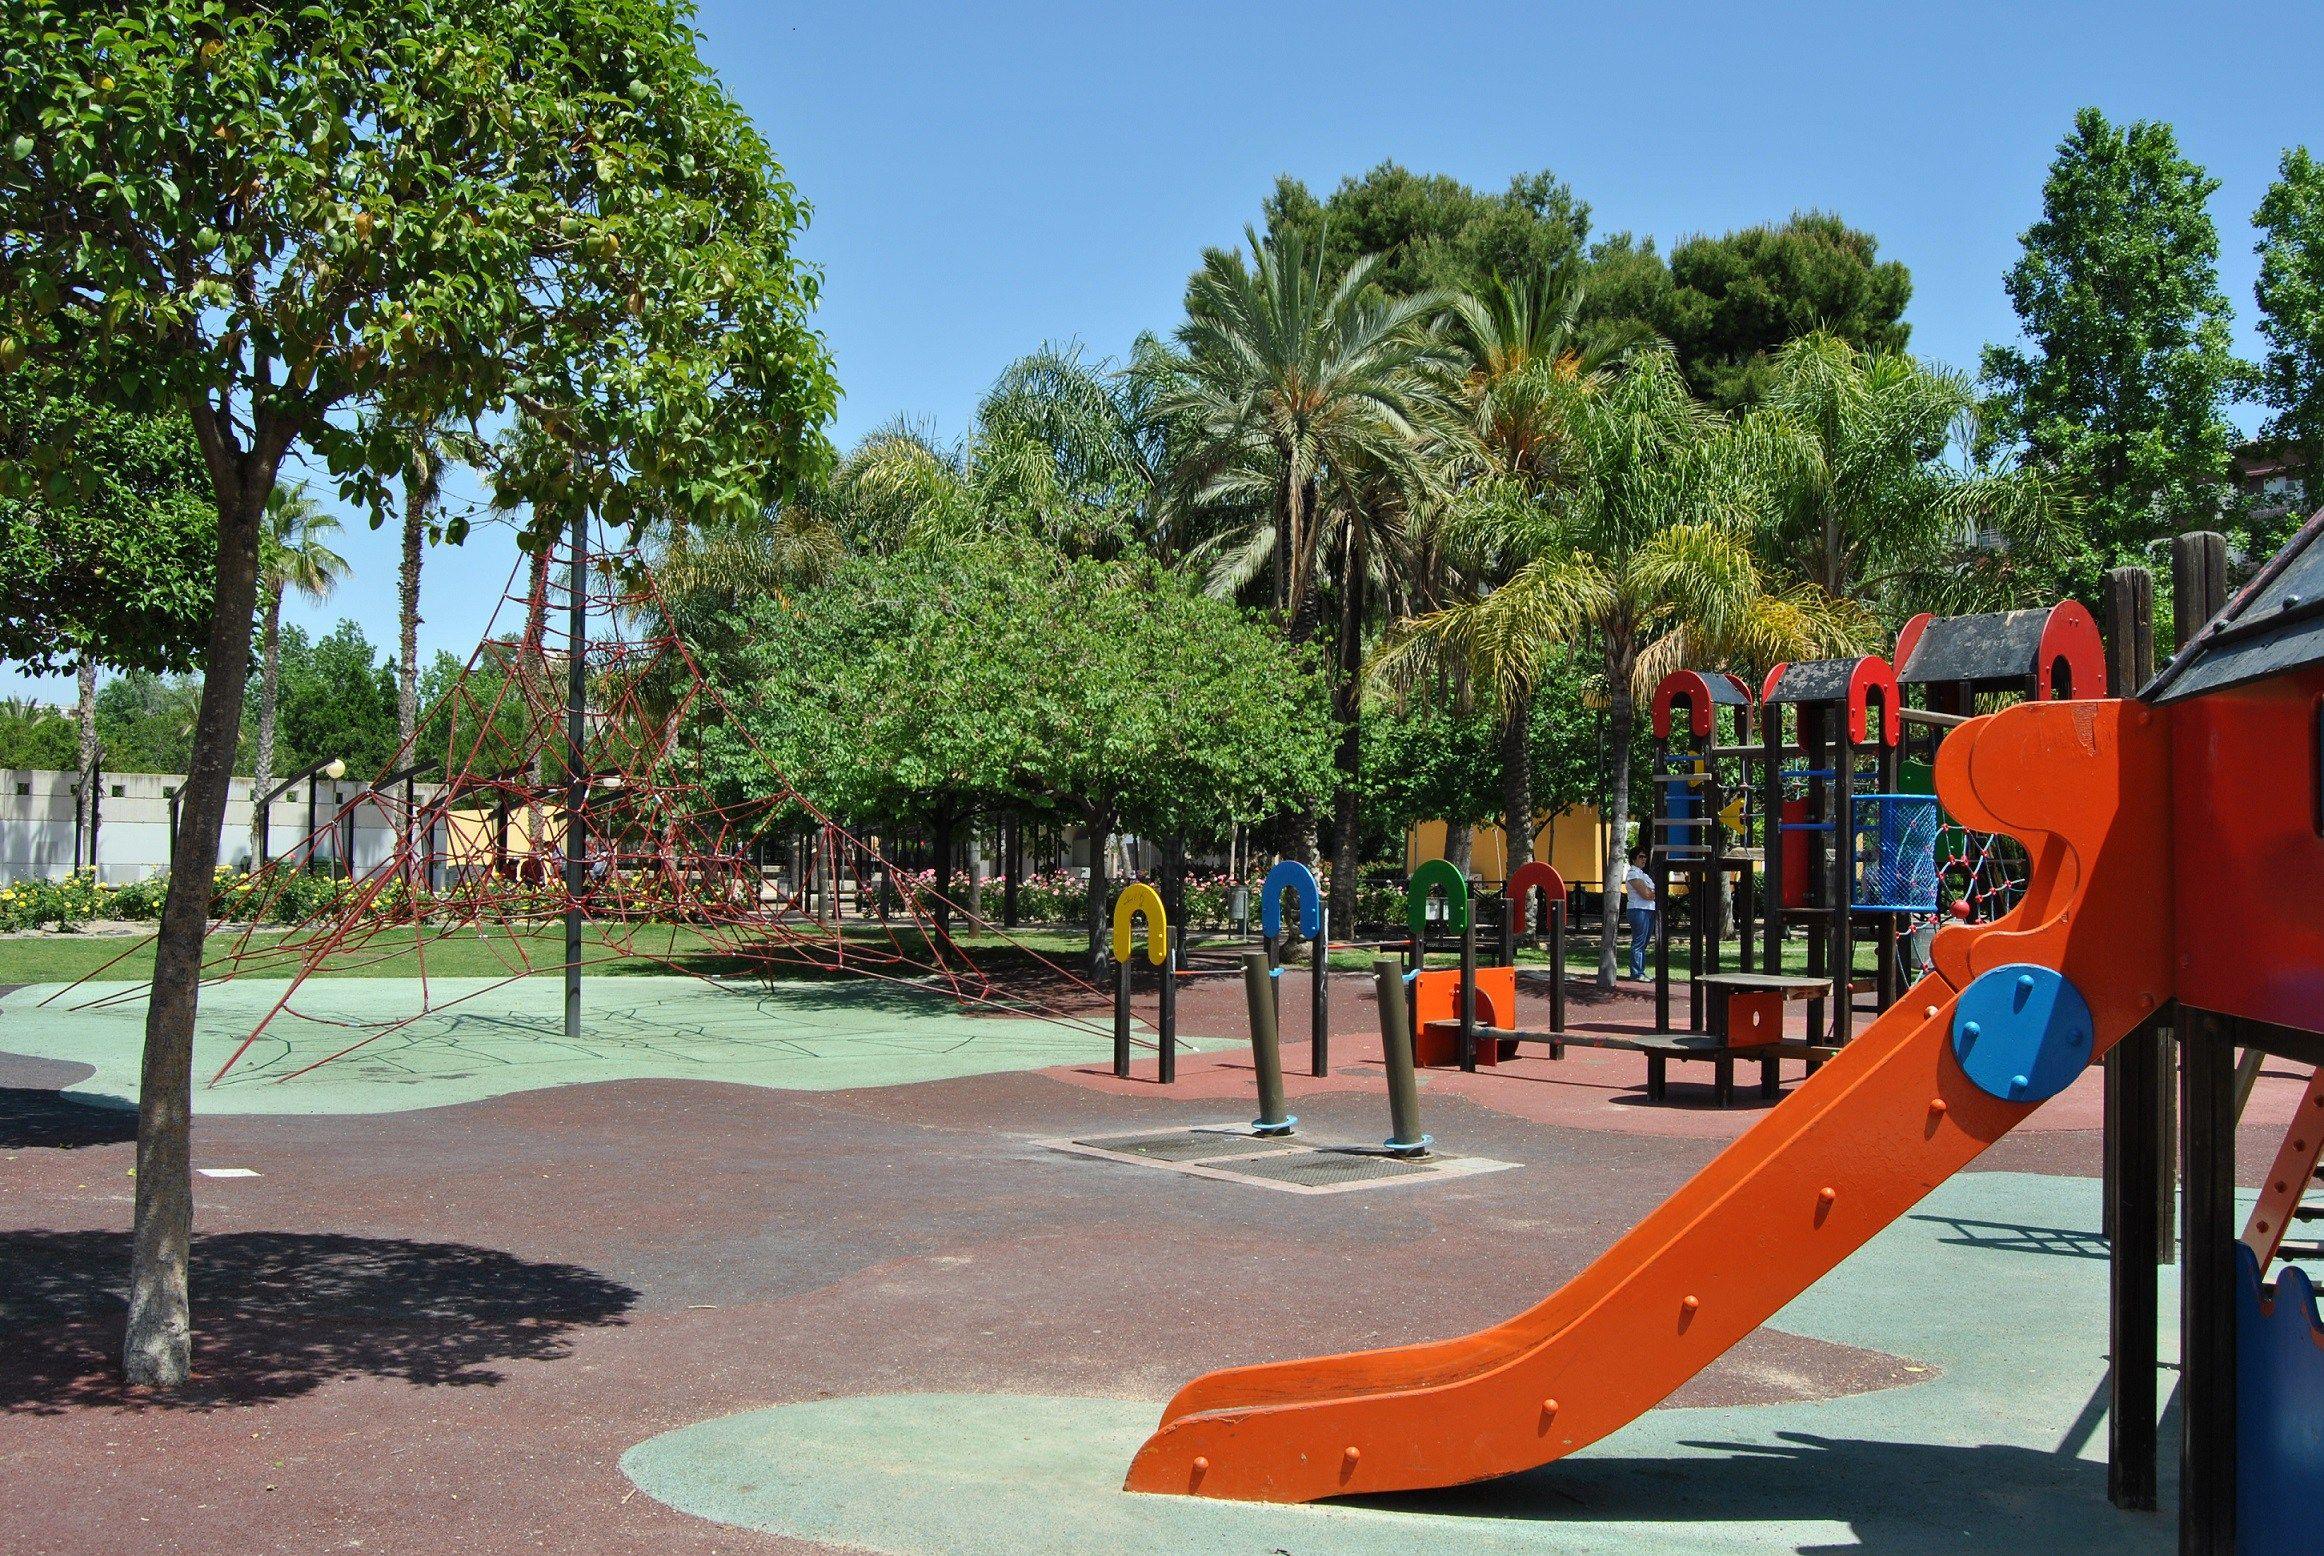 Fuente Jessicalandete Wordpress Com Parques Infantiles Parque Infantil Al Aire Libre Parques